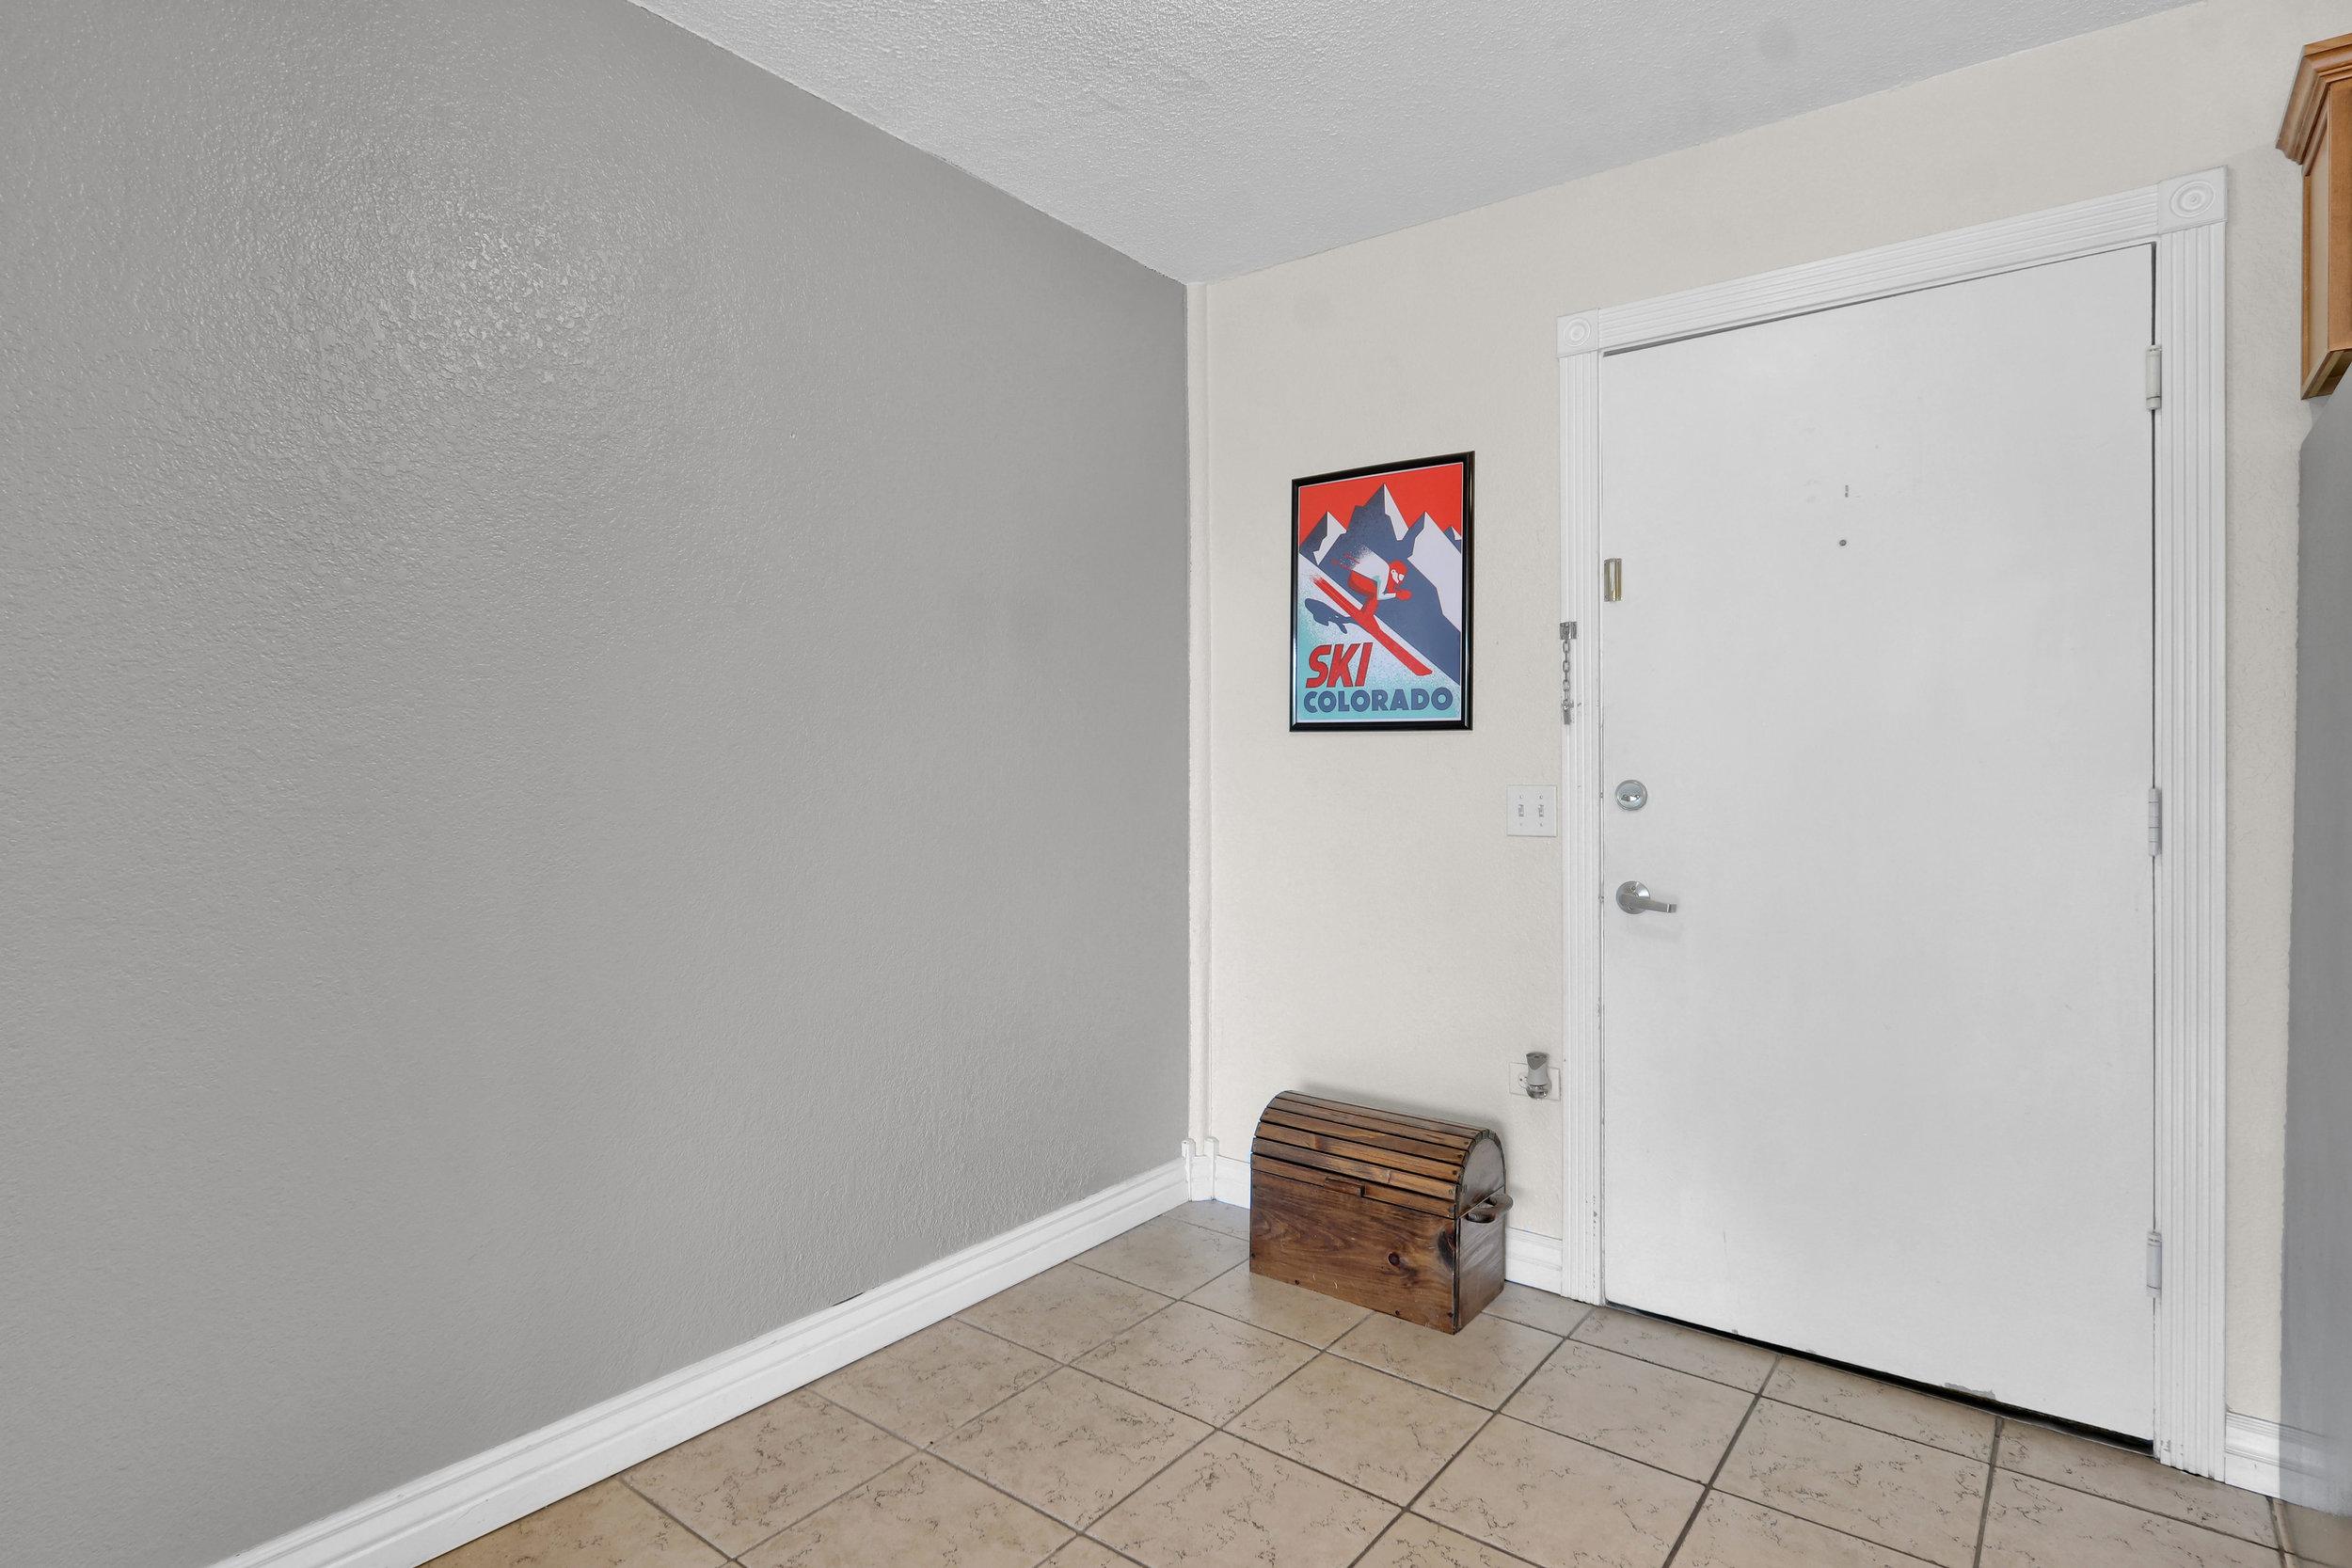 909 N Logan St Unit 3J Denver-print-002-003-Foyer-4200x2800-300dpi.jpg